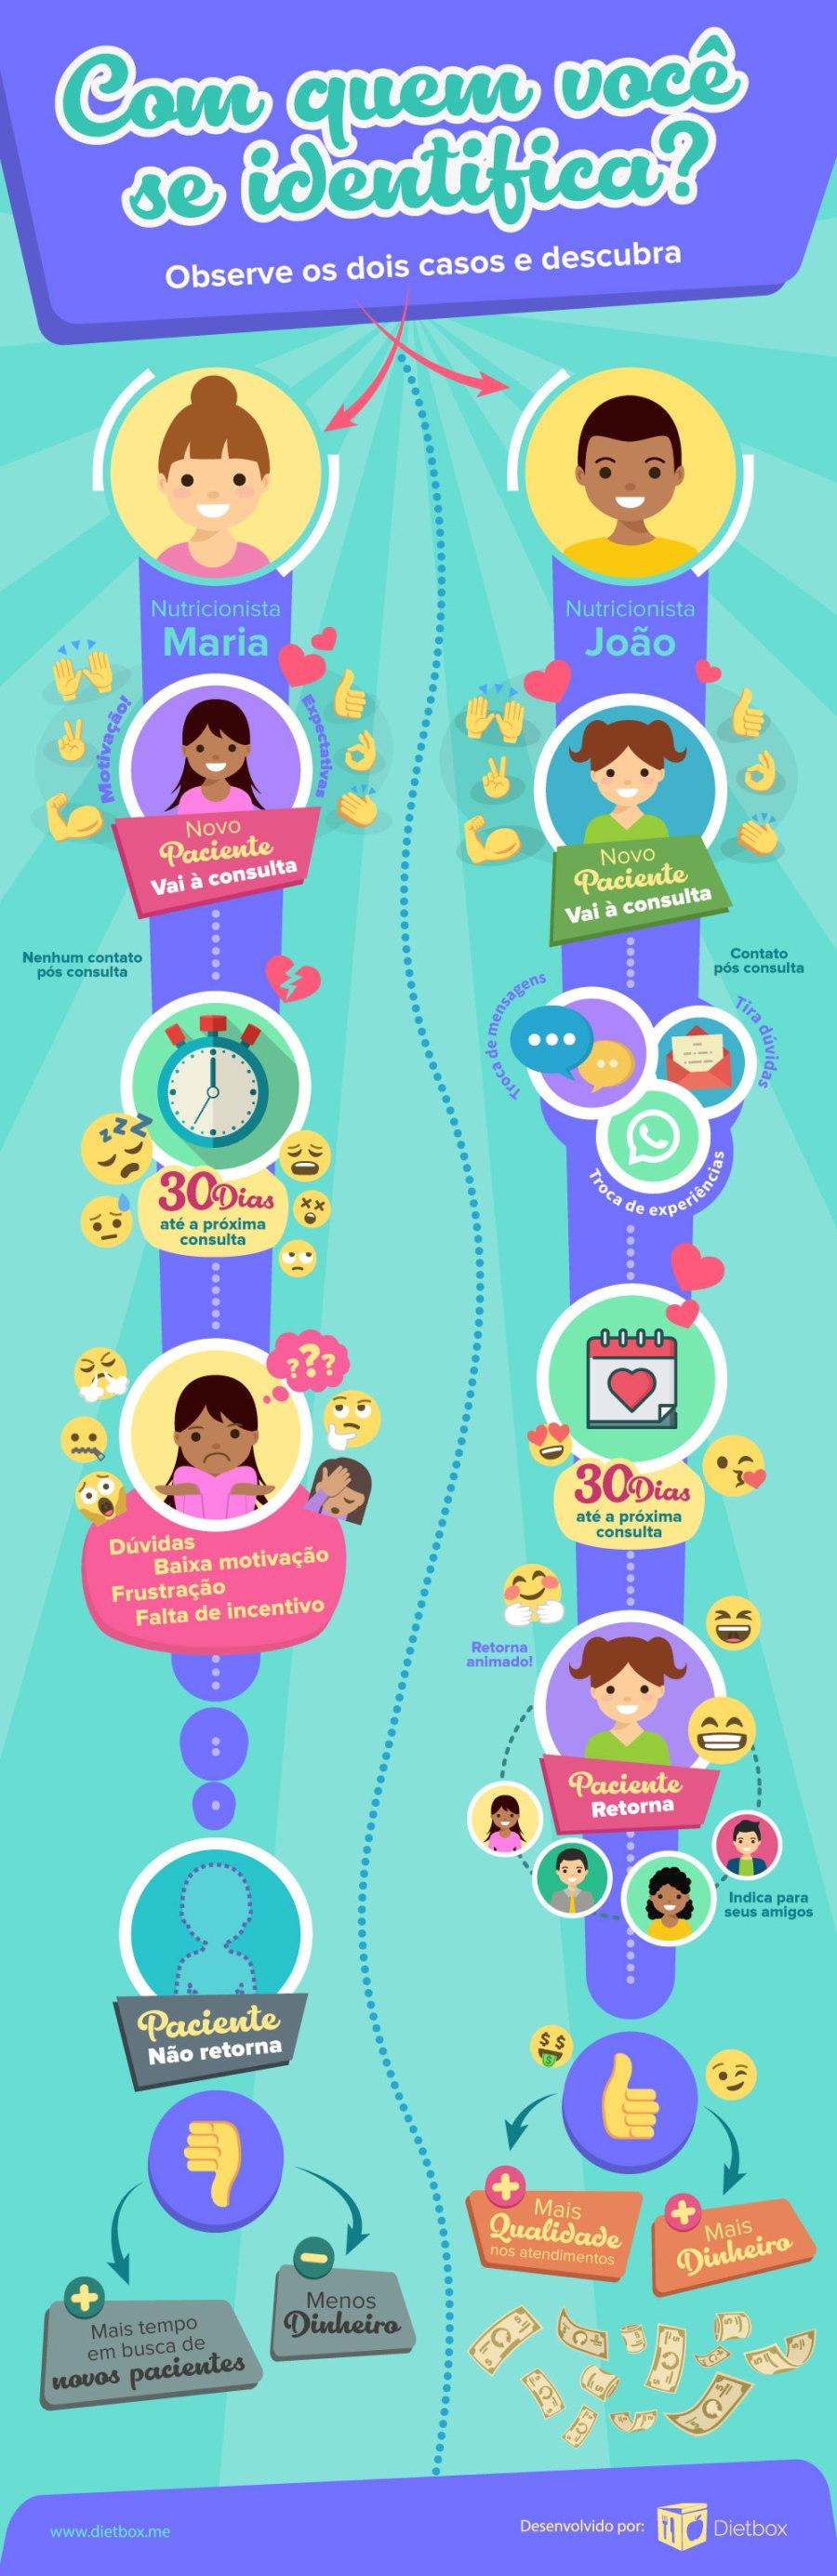 infografico-paciente-engajado.jpg